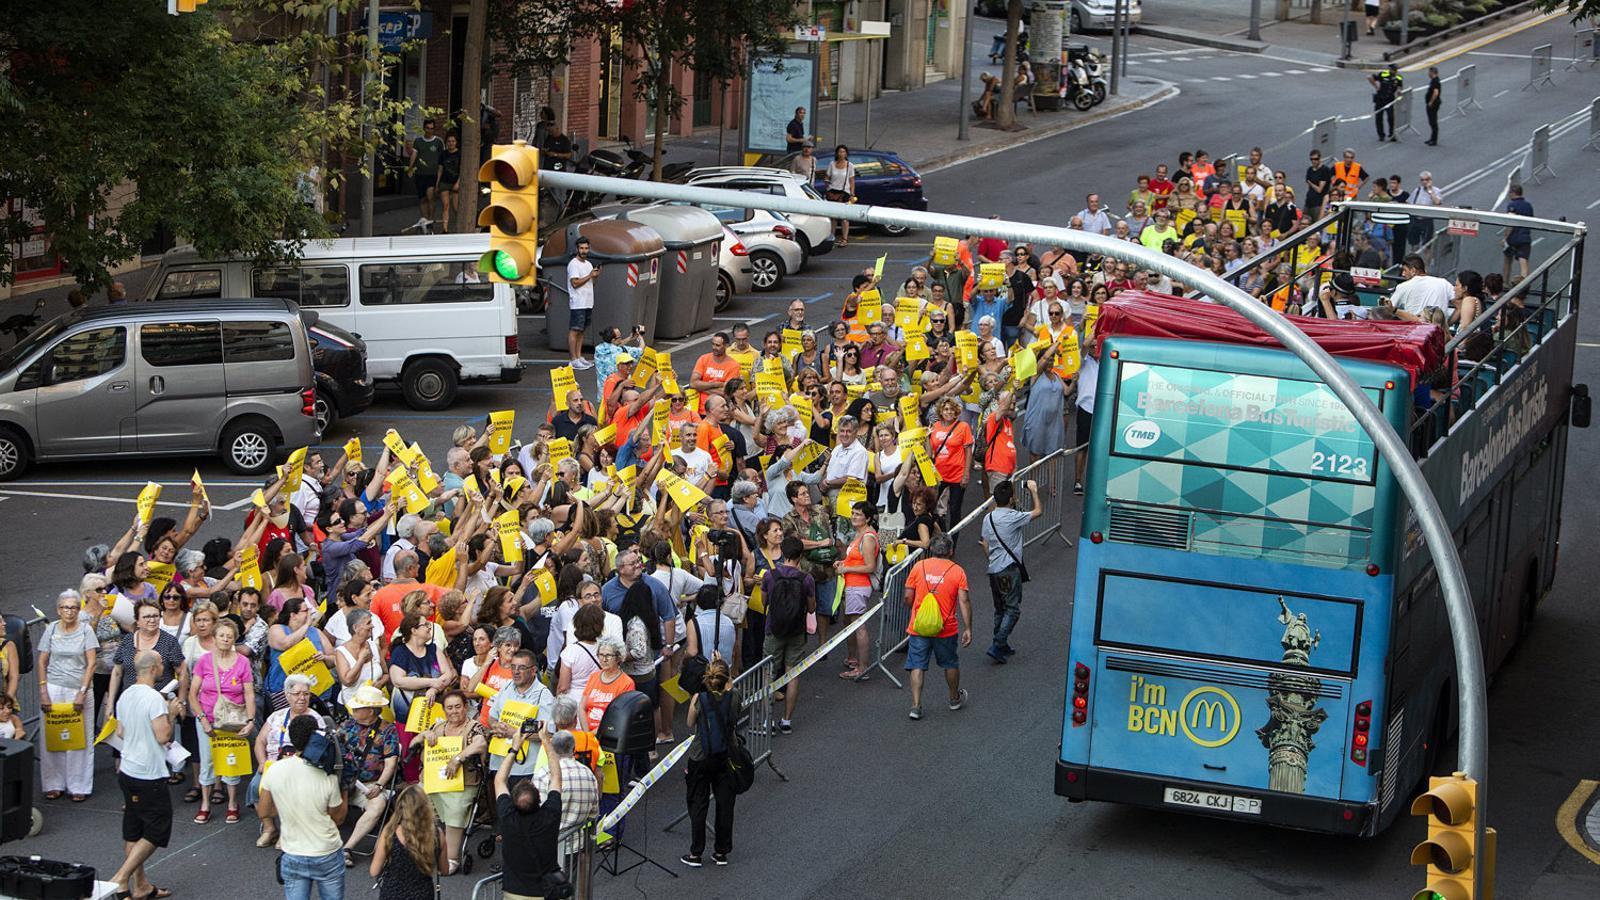 Més de 200 persones van participar en l'assaig de la performance de la Diada que va tenir lloc ahir pels carrers del barri de Gràcia de Barcelona.